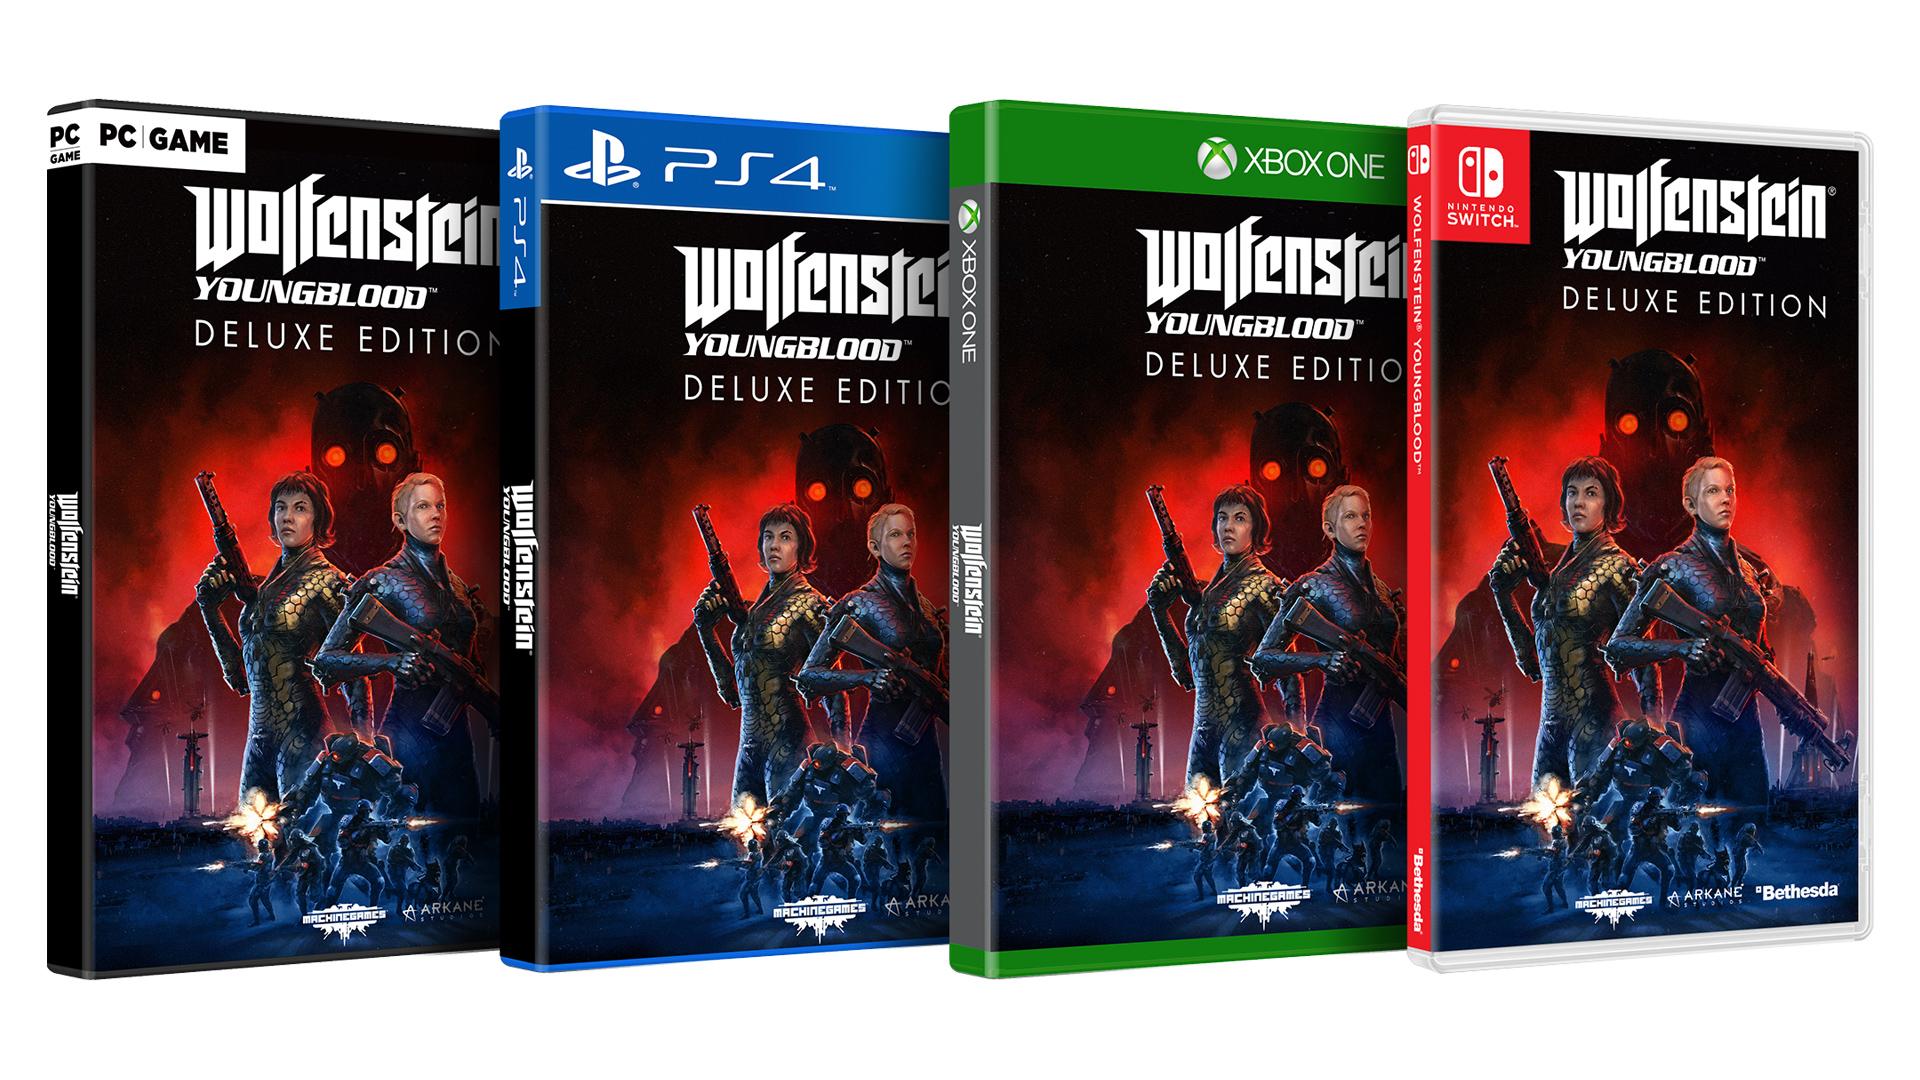 wolfenstein_video_game_artwork